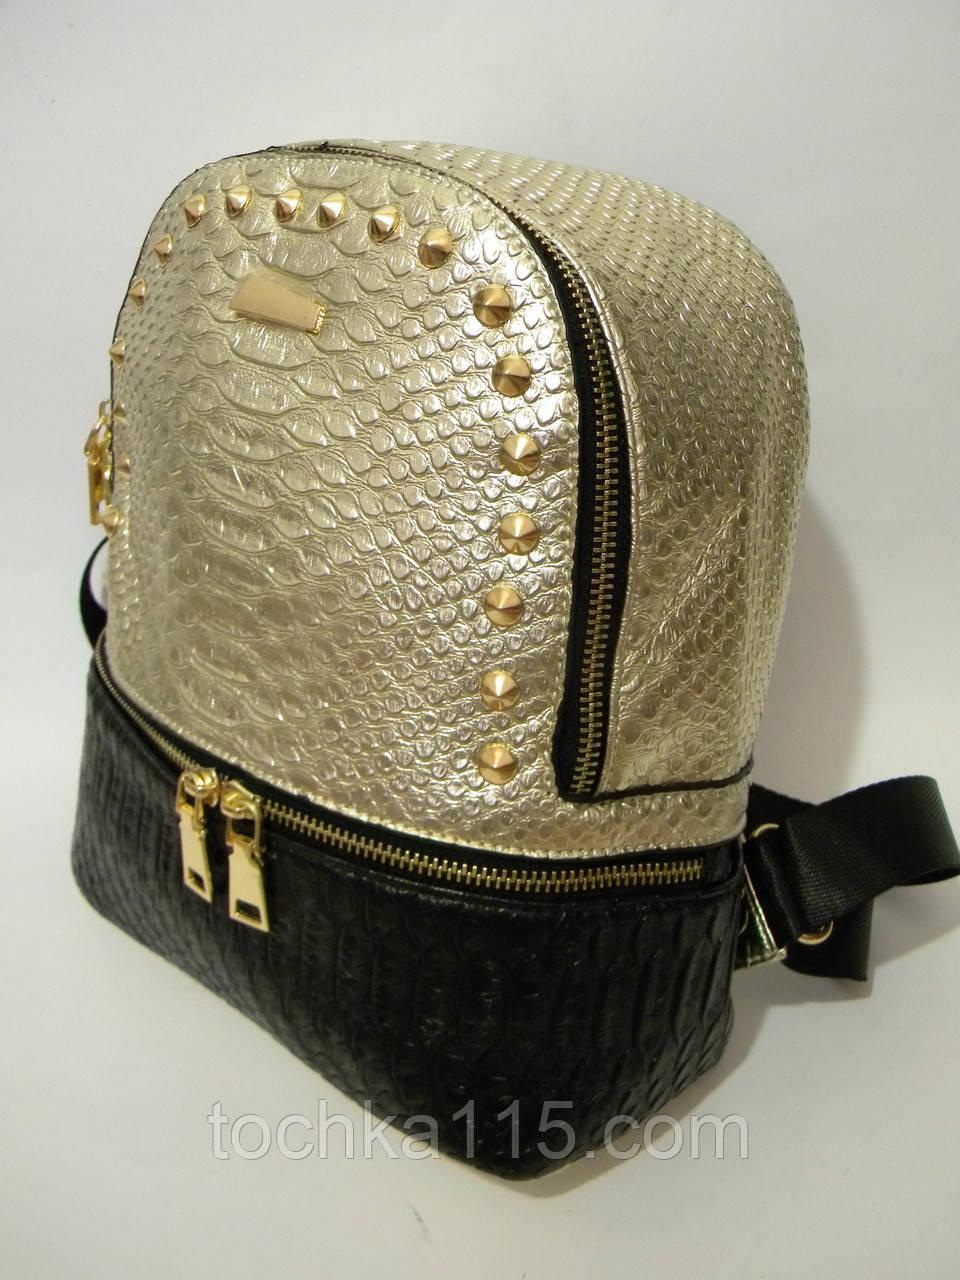 Женский мини рюкзак змея, рюкзак для девочек, модный рюкзак, рюкзак для модниц